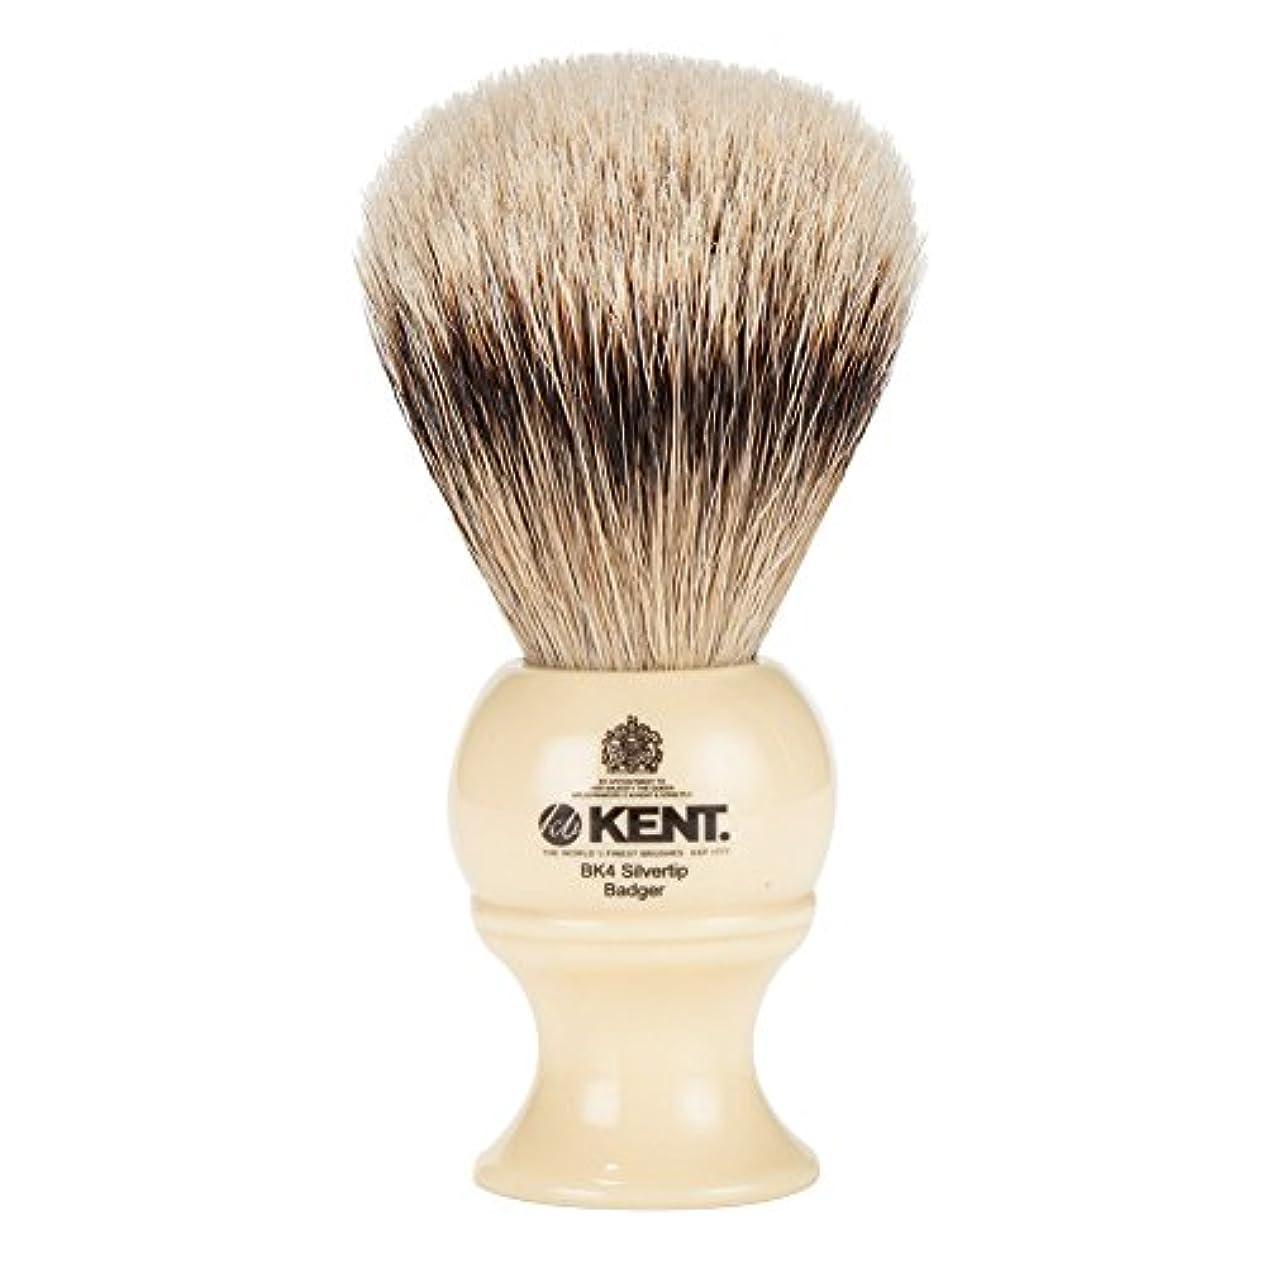 ファーザーファージュ墓地予約[ ケント ブラシ ] Kent Brush シルバーチップアナグマ シェービングブラシ (Mサイズ) BK4 ホワイト 髭剃り [並行輸入品]